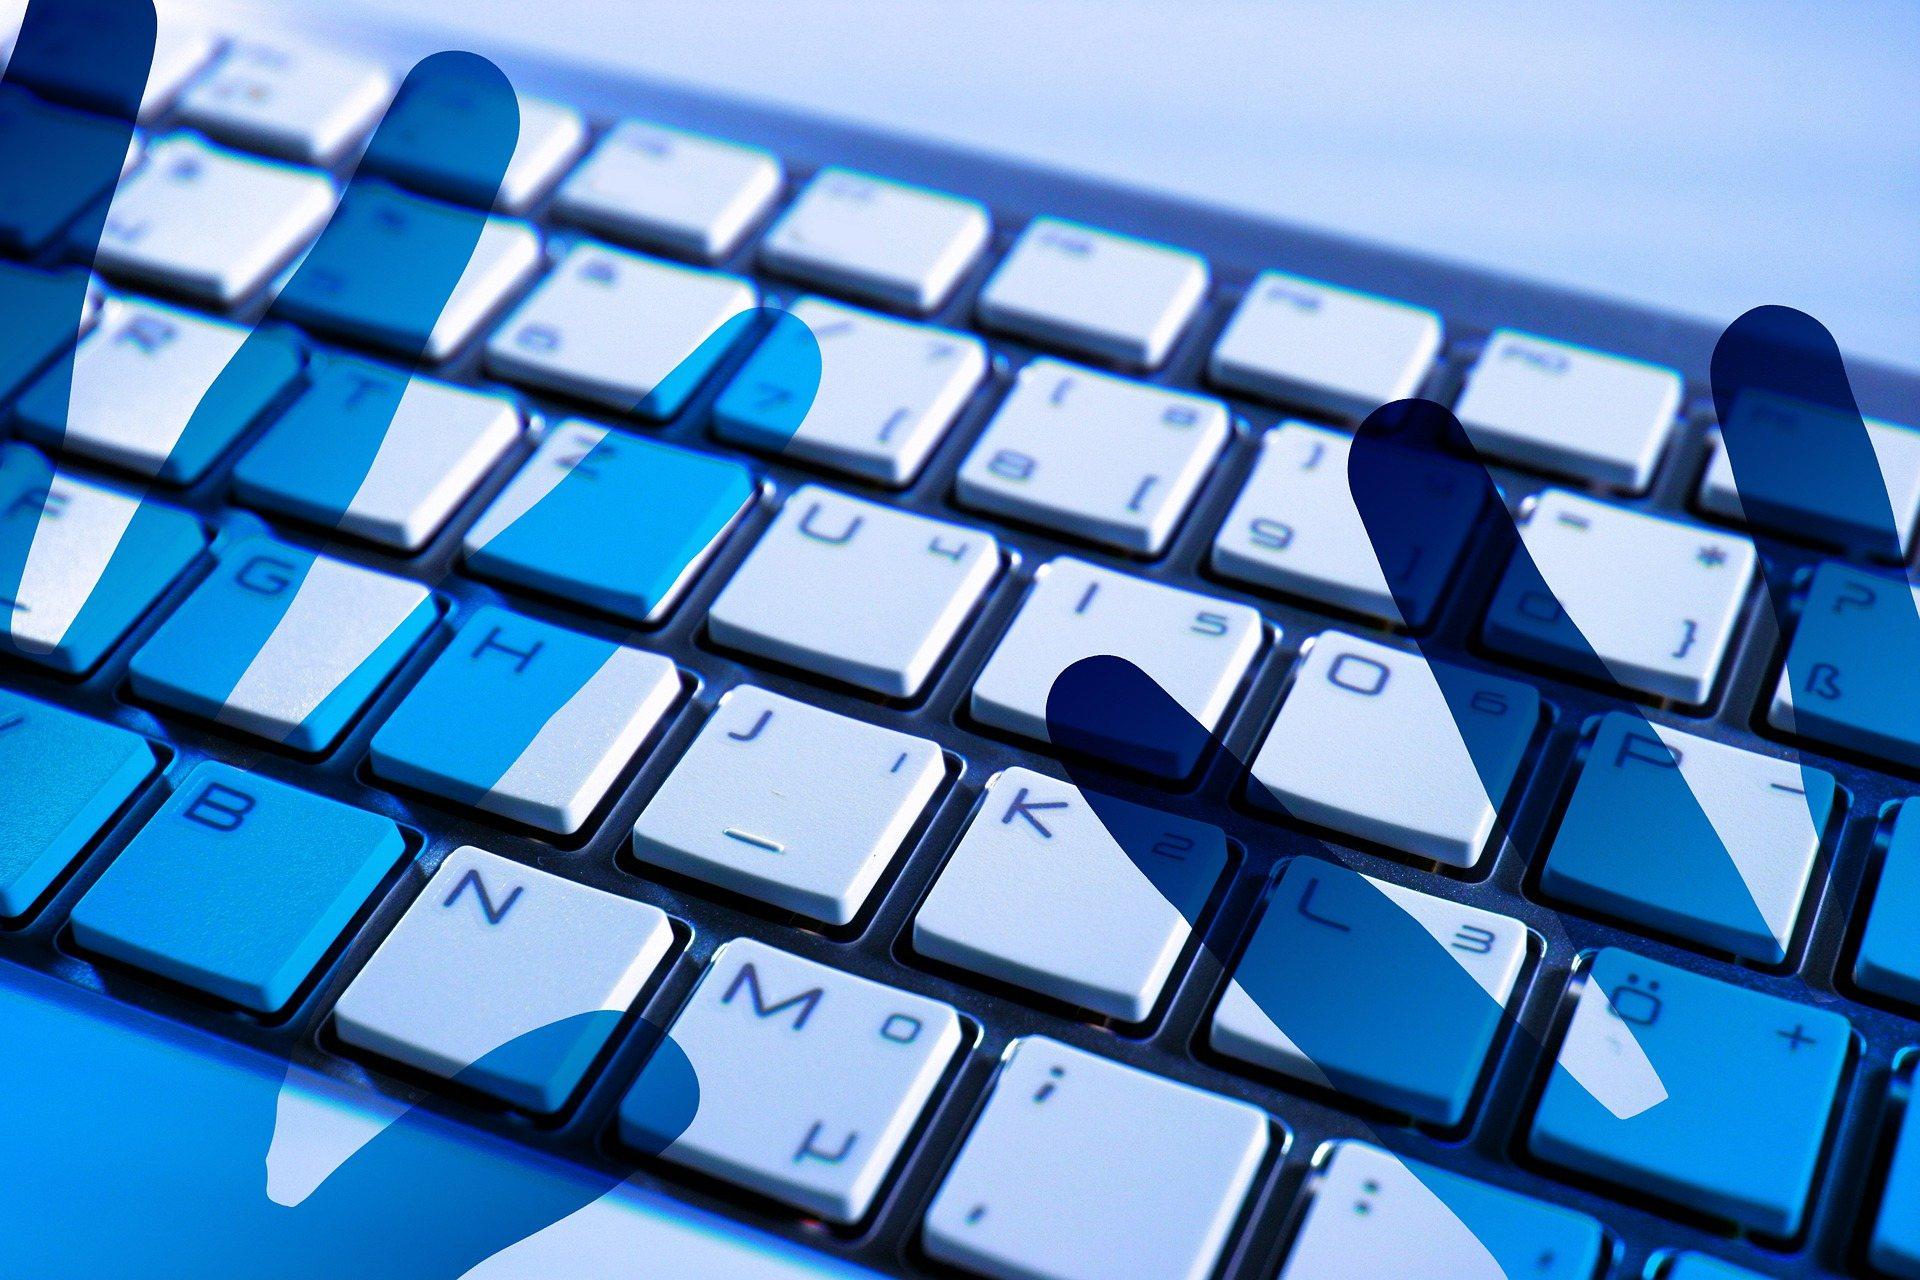 Vilniaus Gerosios Vilties progimnazijoje – apie grėsmes internete